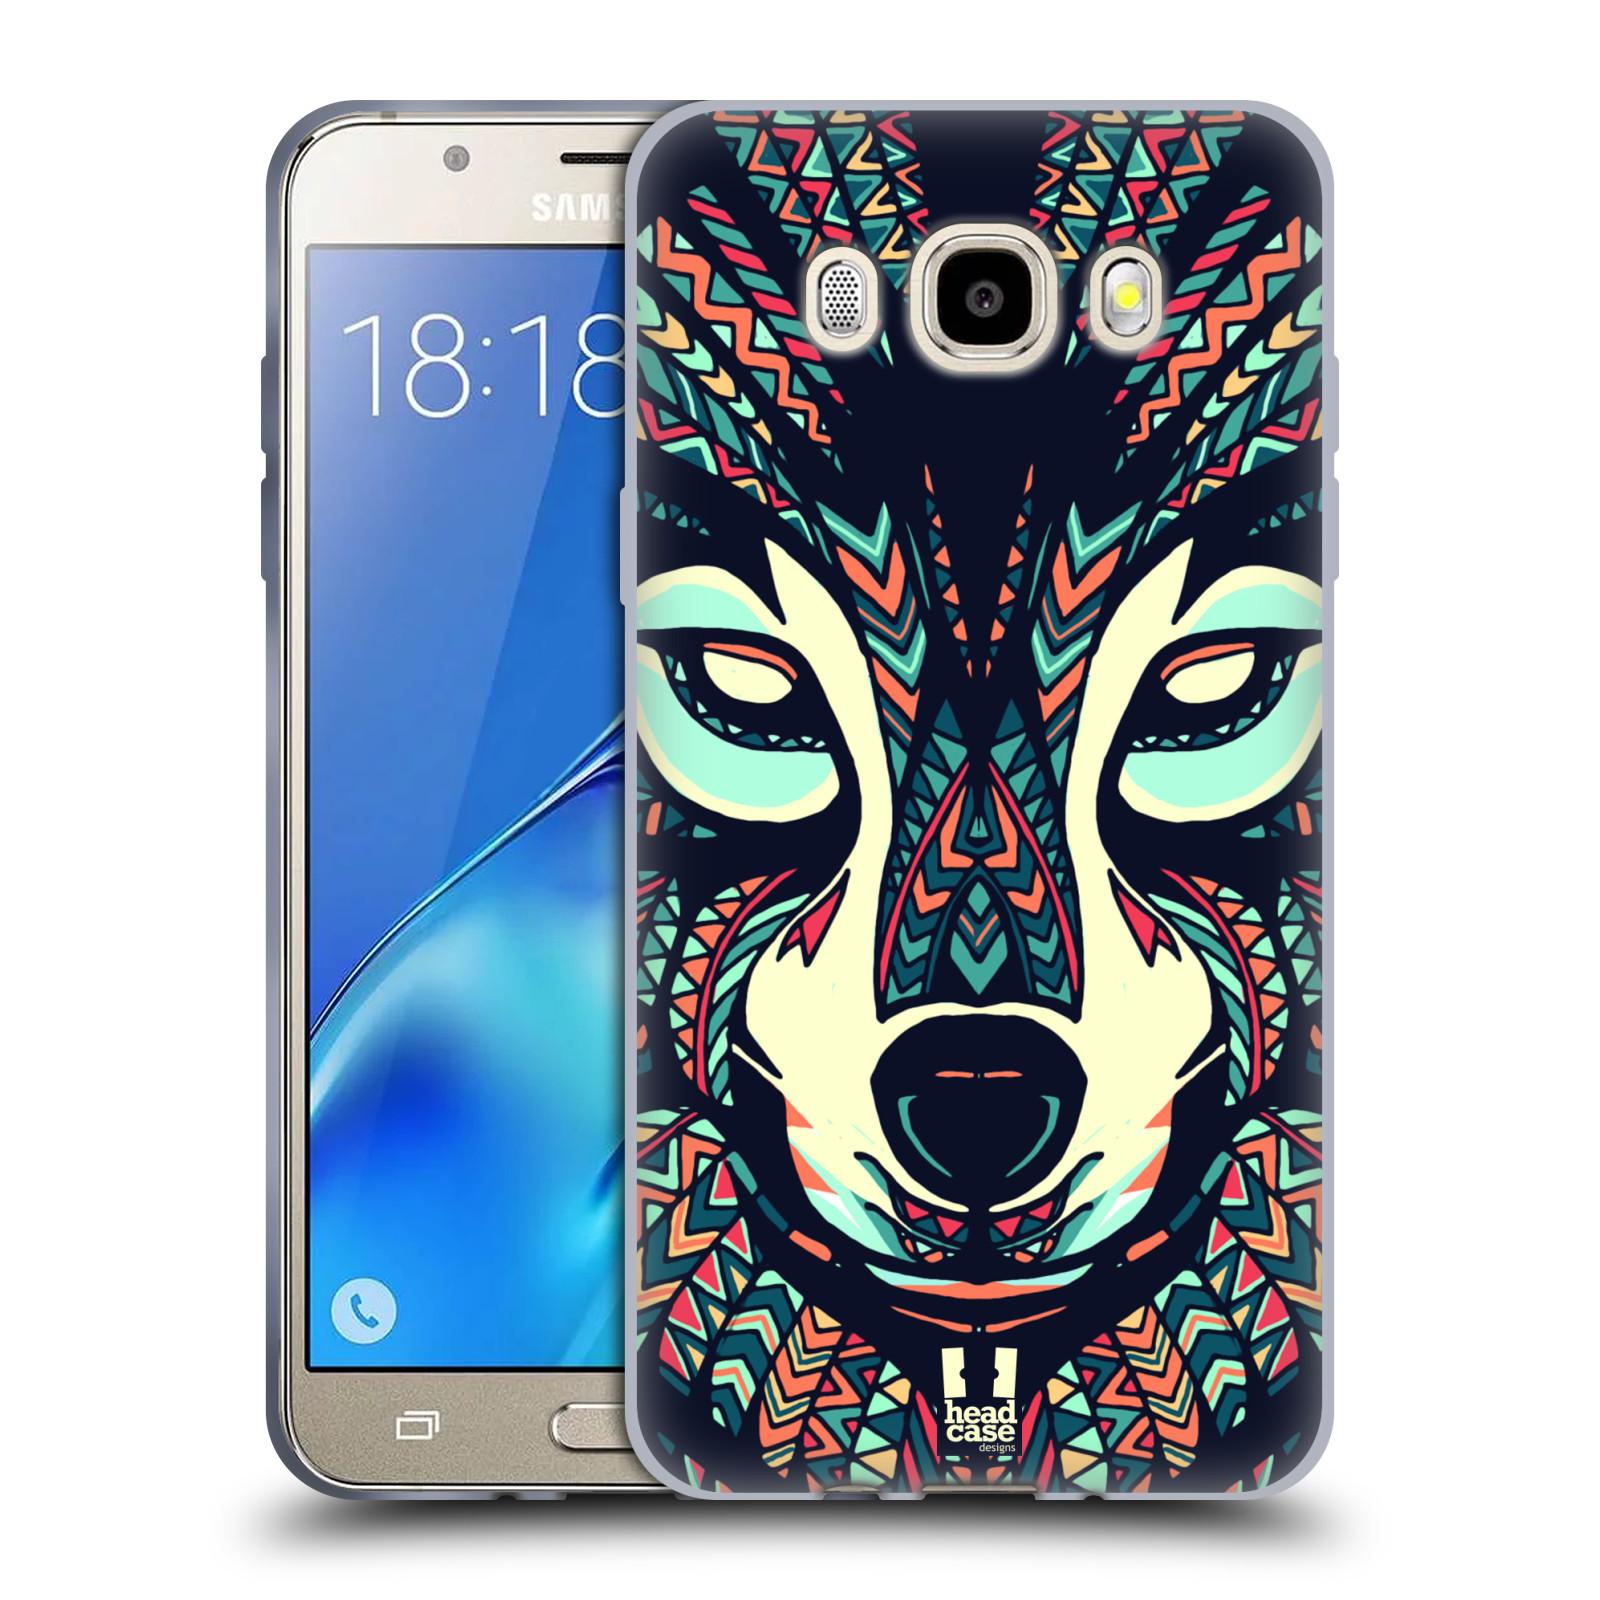 HEAD CASE silikonový obal, kryt na mobil Samsung Galaxy J5 2016, J510, J510F, (J510F DUAL SIM) vzor Aztécký motiv zvíře 3 vlk